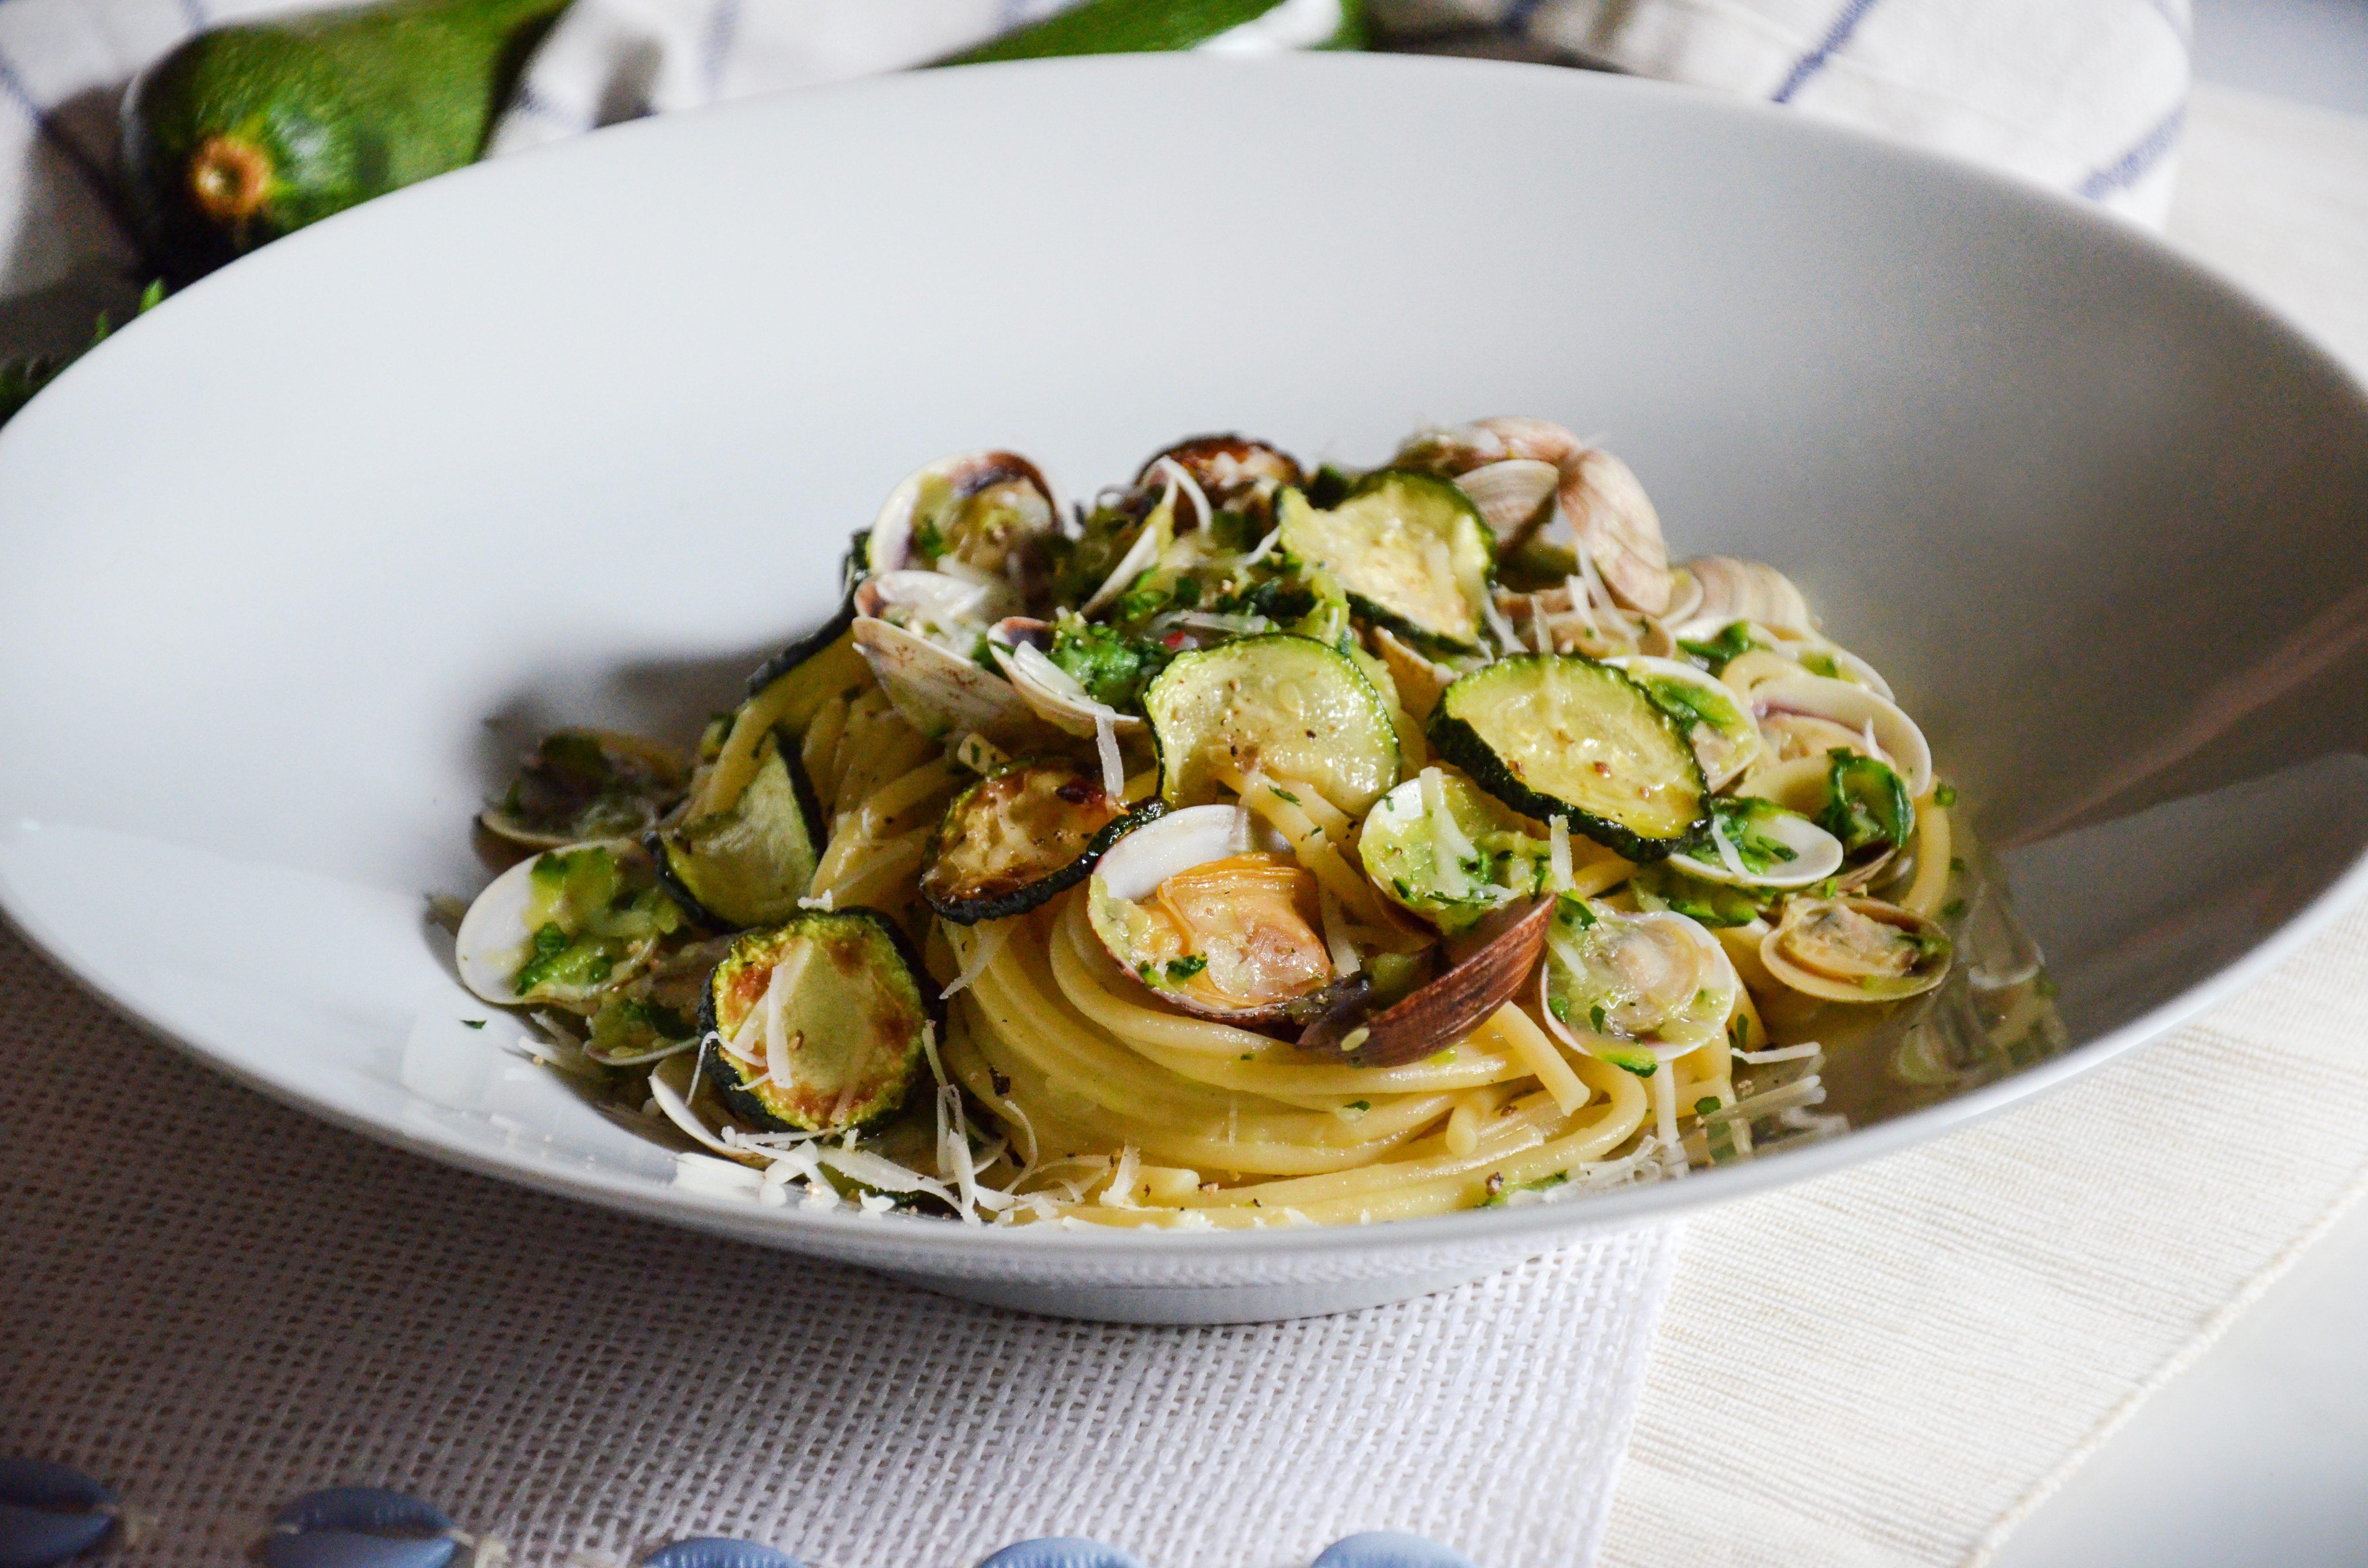 Spaghetti vongole e zucchine: la ricetta del primo piatto di mare leggero e saporito